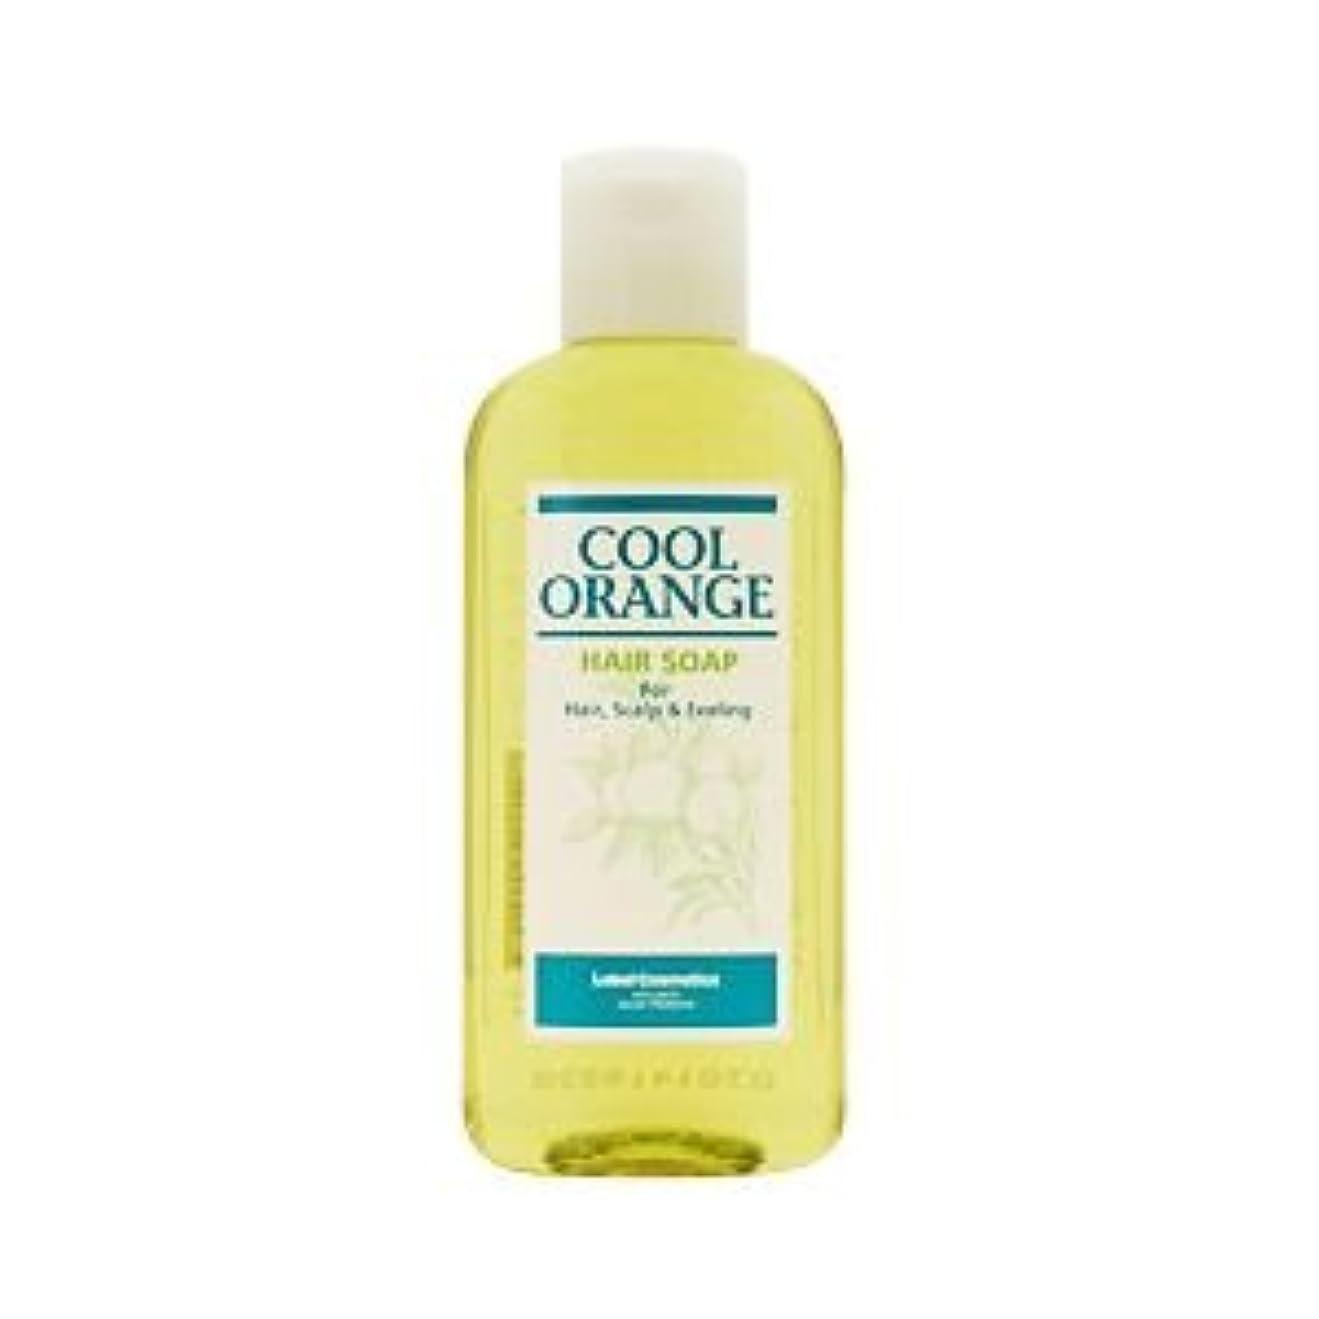 試用詳細な気がついてクールオレンジ ヘアソープ 200ml